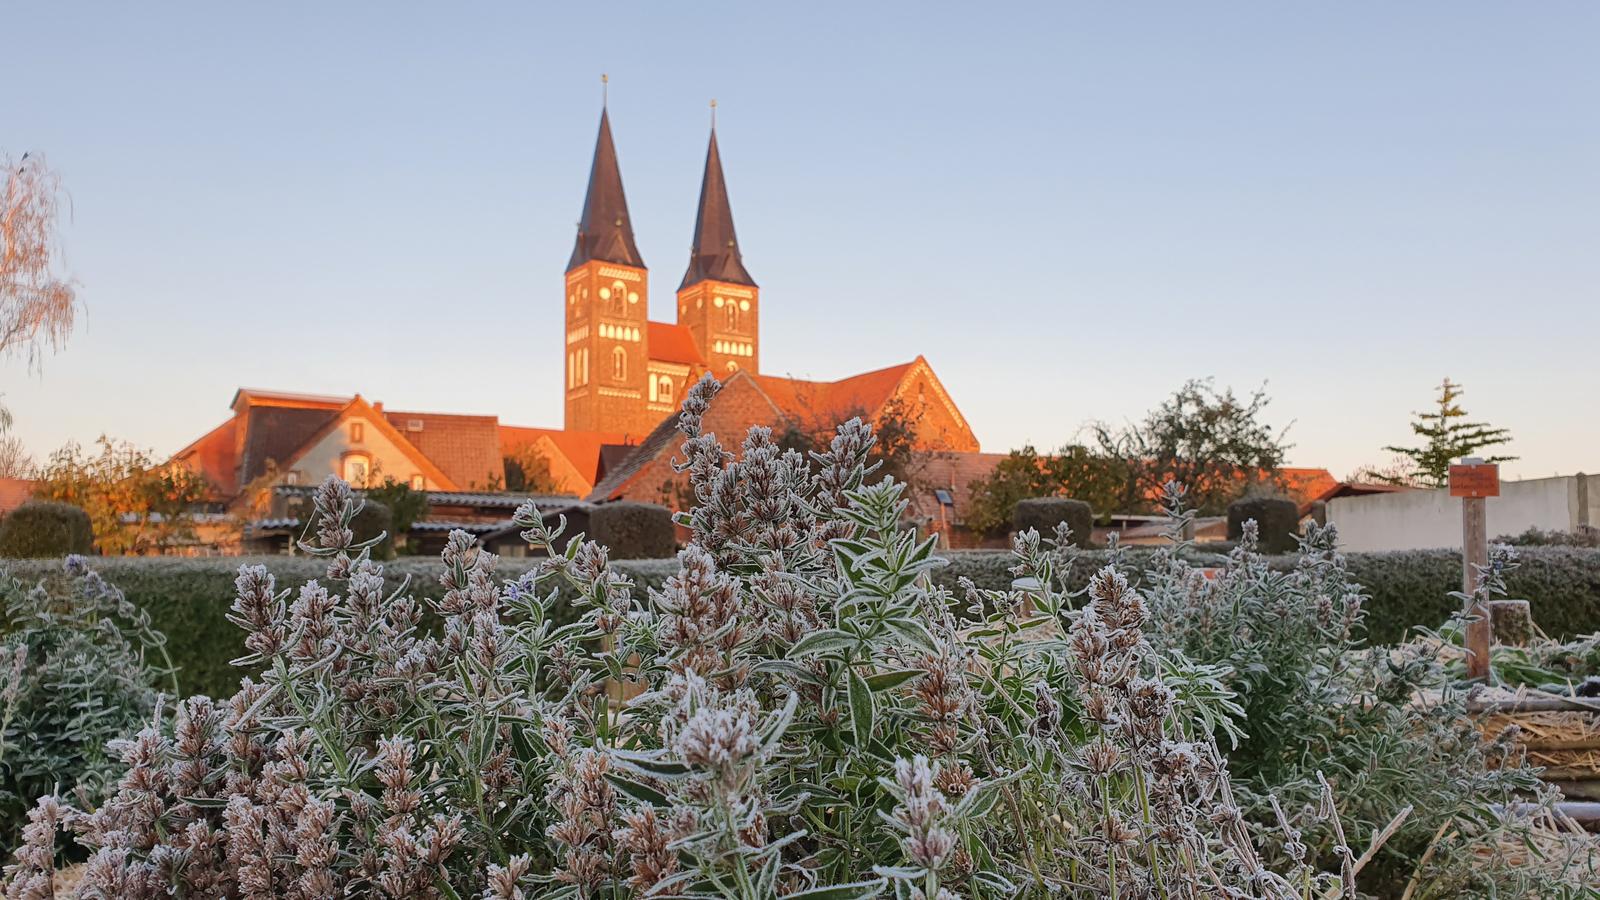 Kloster Jerichow gehört zu den Top Sehenswürdigkeiten der Altmark